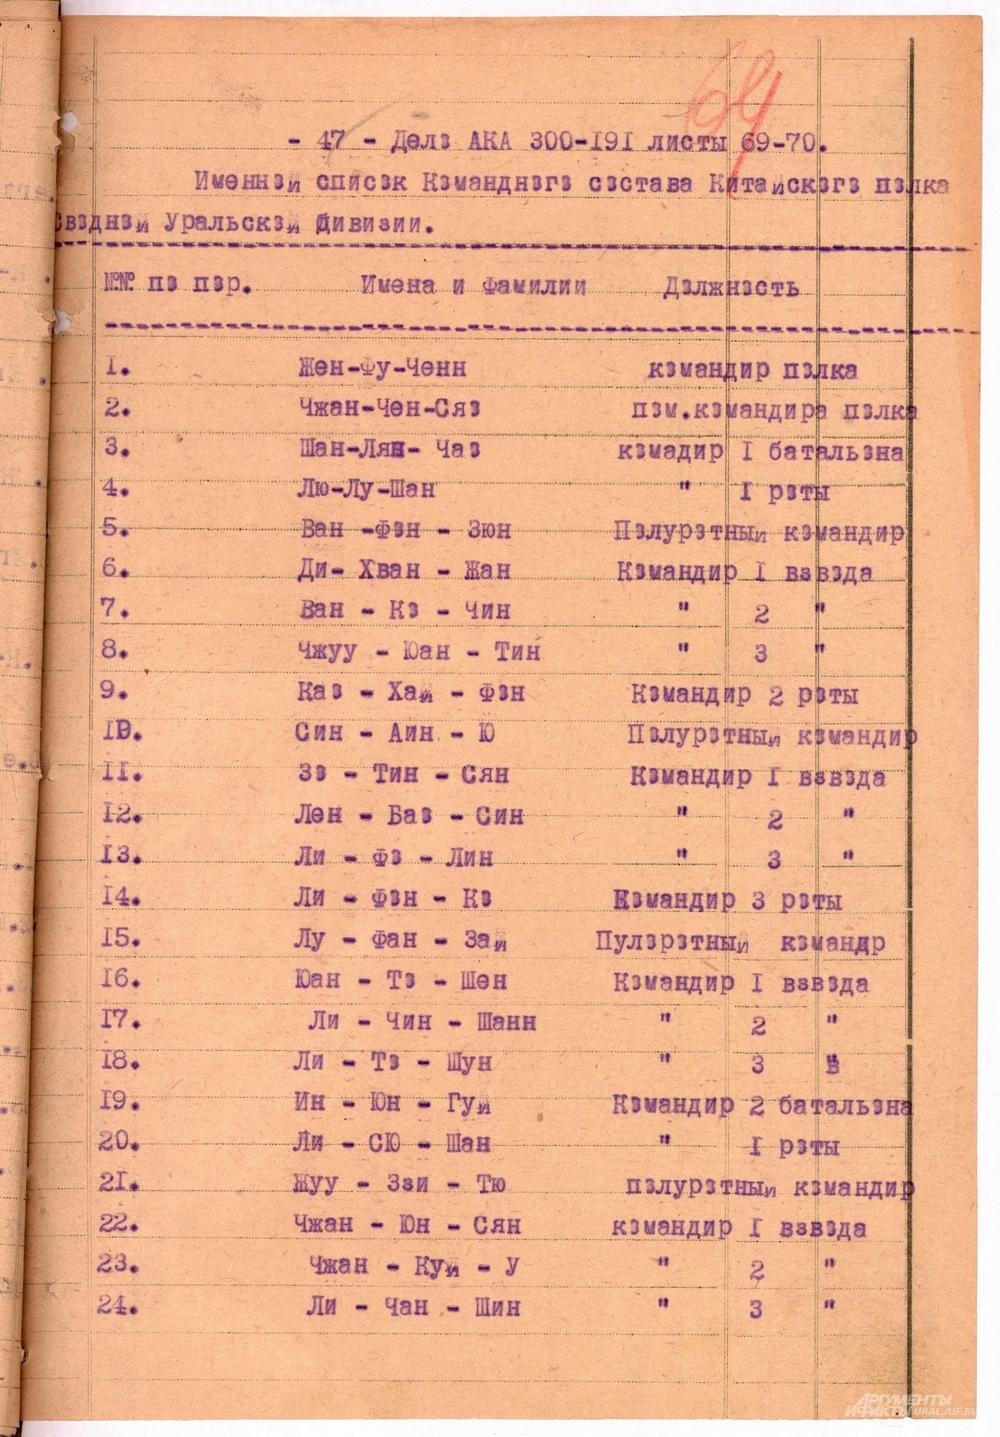 В верхней строчке списка командиров - Жен Фучен.